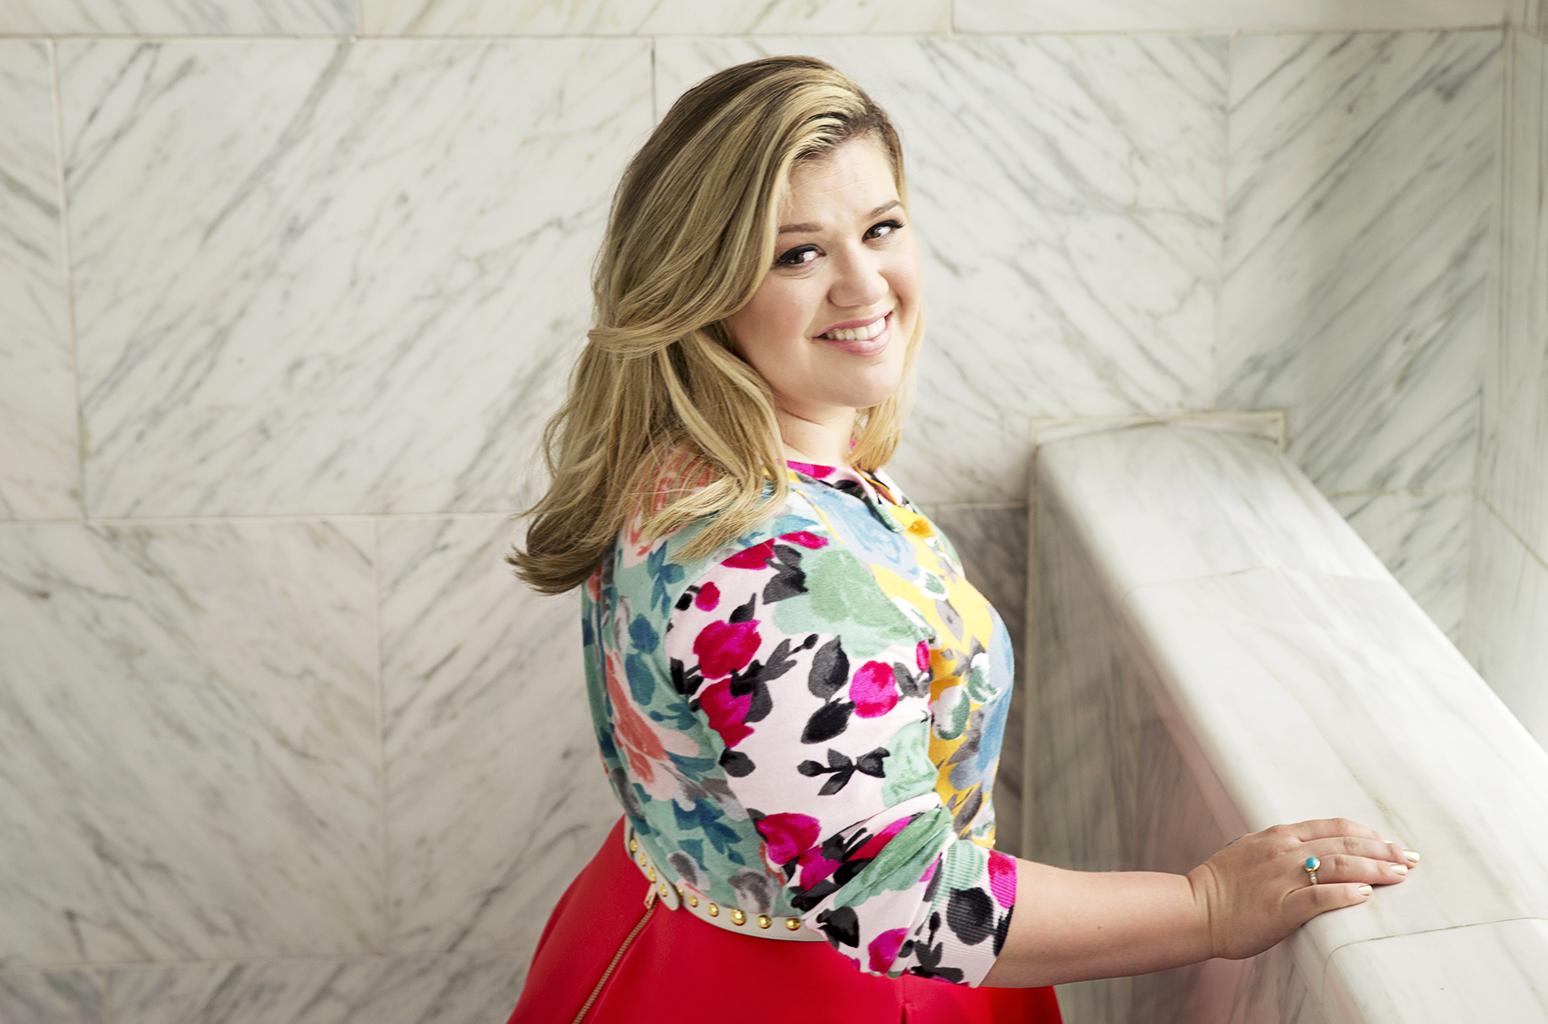 Kelly Clarkson explica porque escogió The Voice sobre American Idol